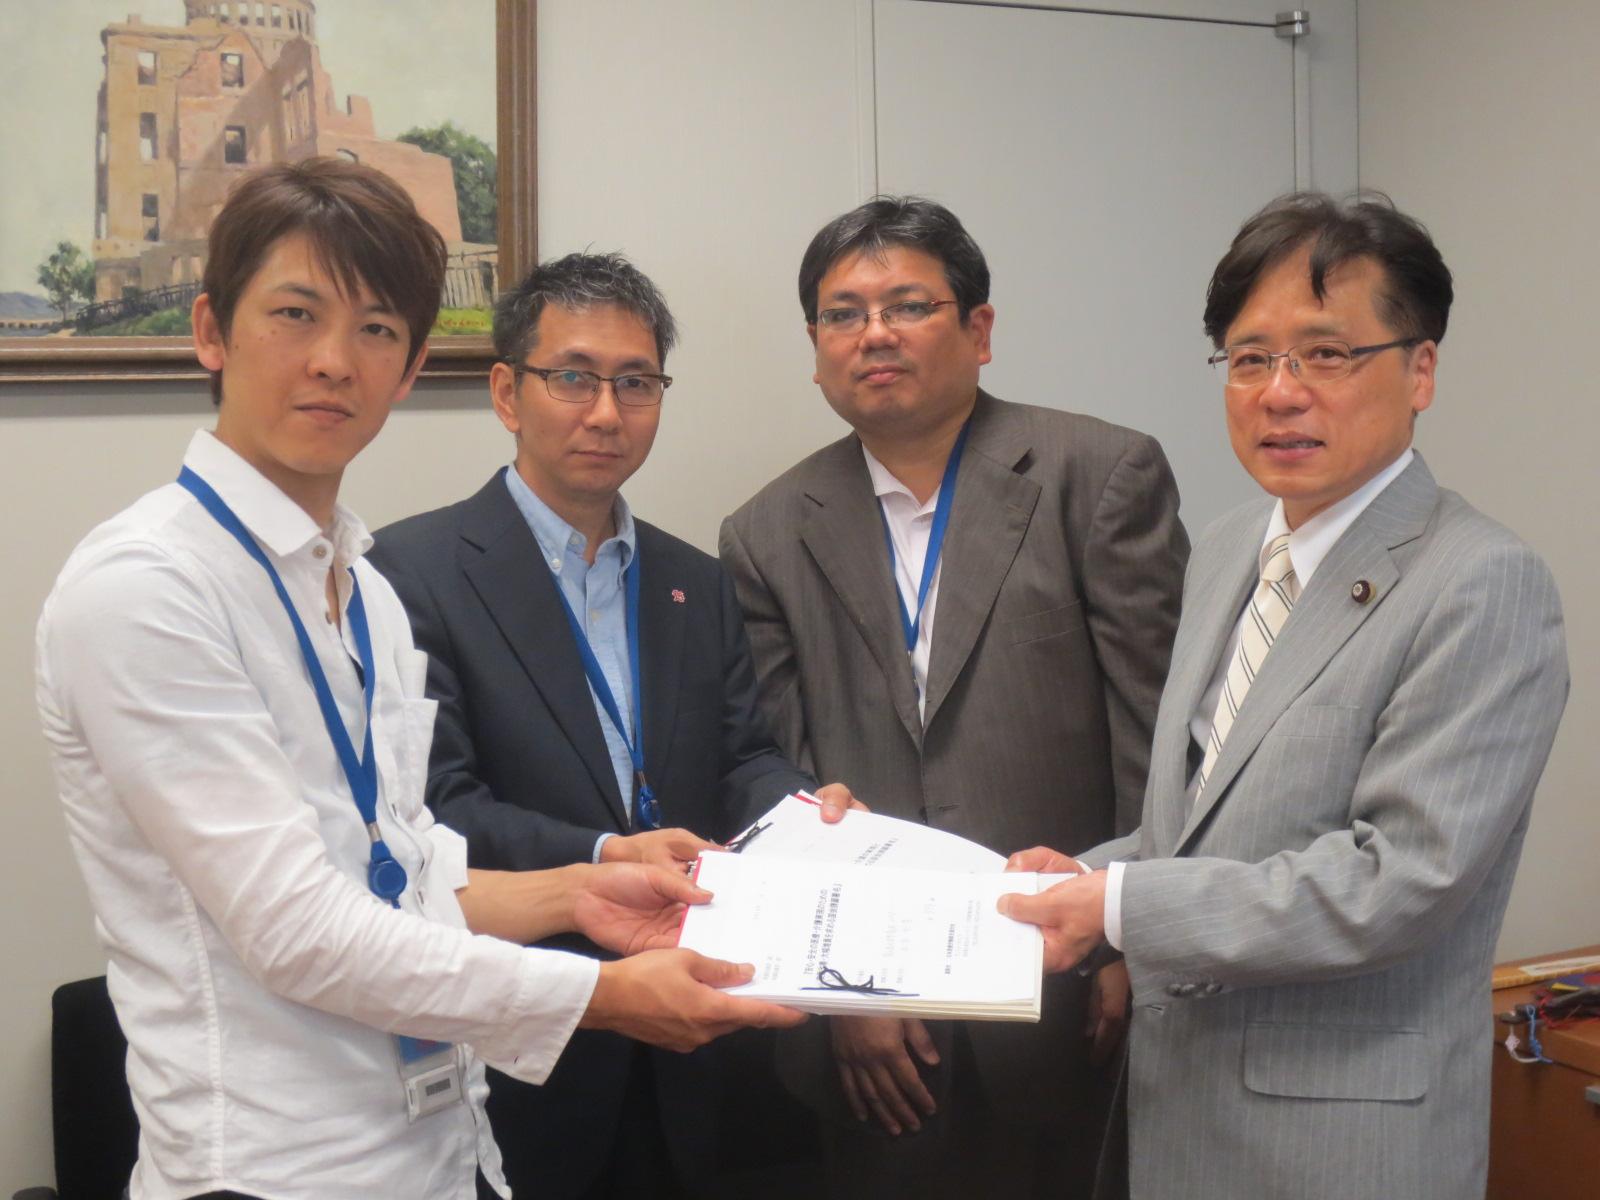 http://www.inoue-satoshi.com/diary/IMG_4089.JPG